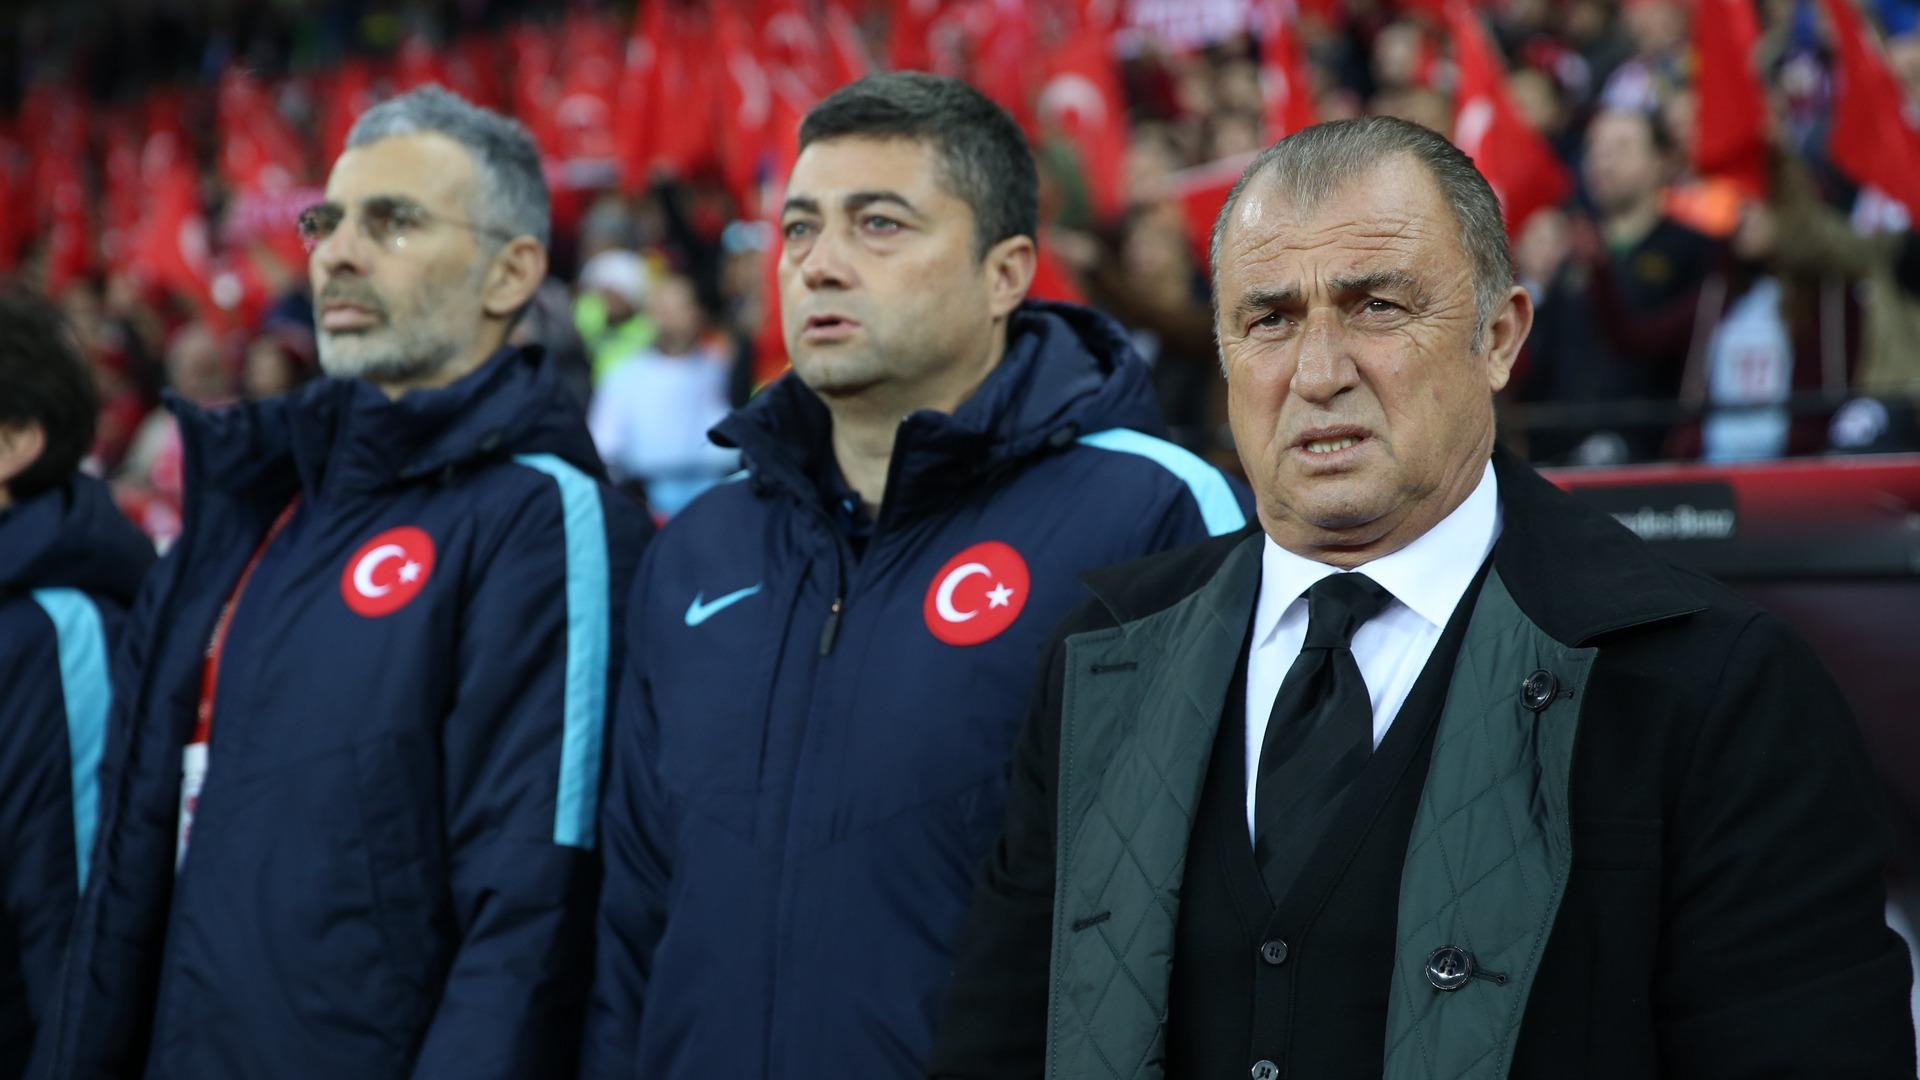 Le sélectionneur Fatih Terim présente sa démission